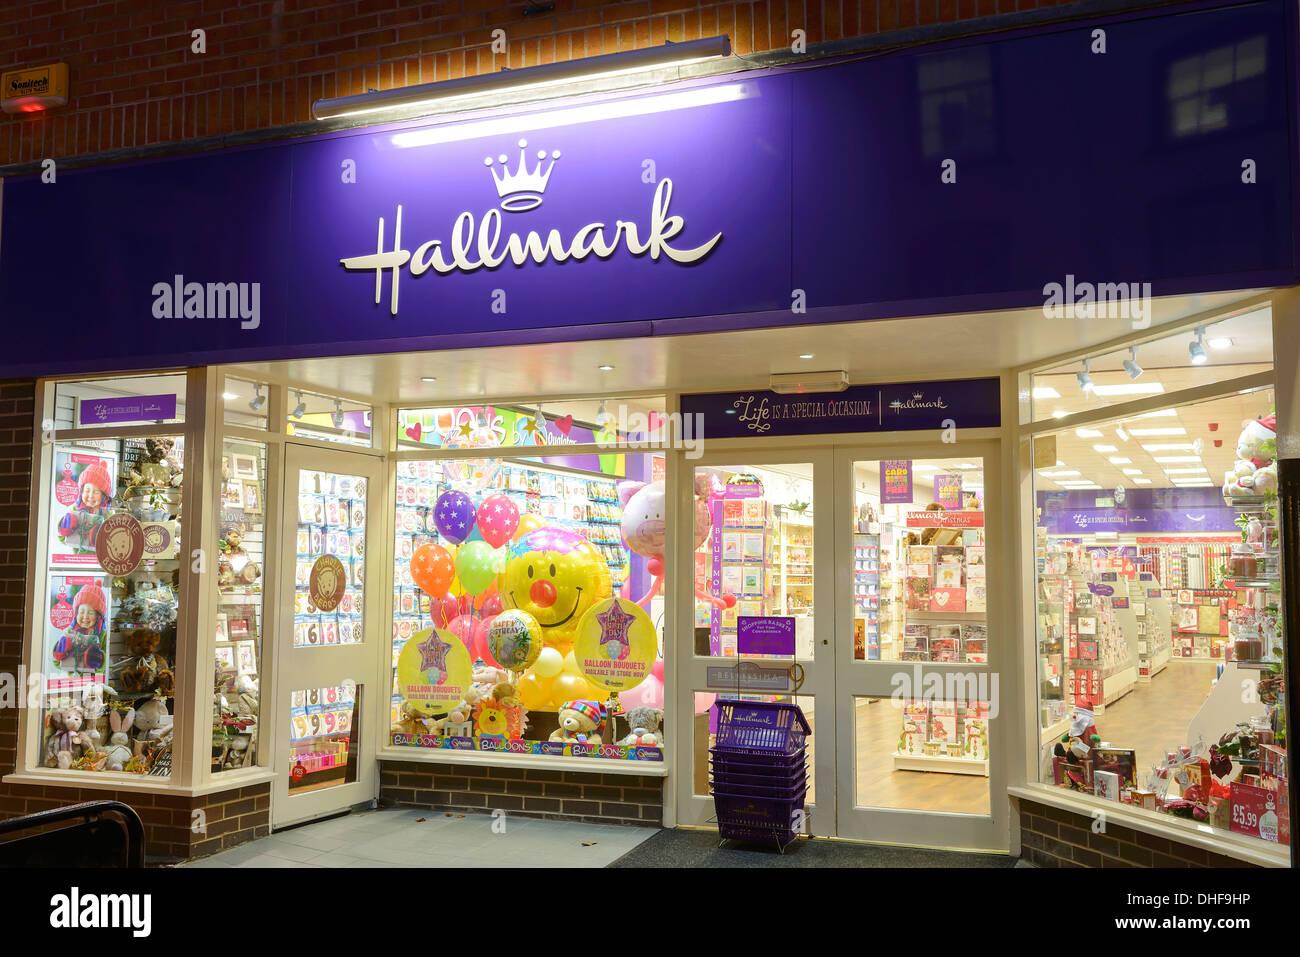 Hallmark Cards negozio di vendita al dettaglio parte anteriore Immagini Stock